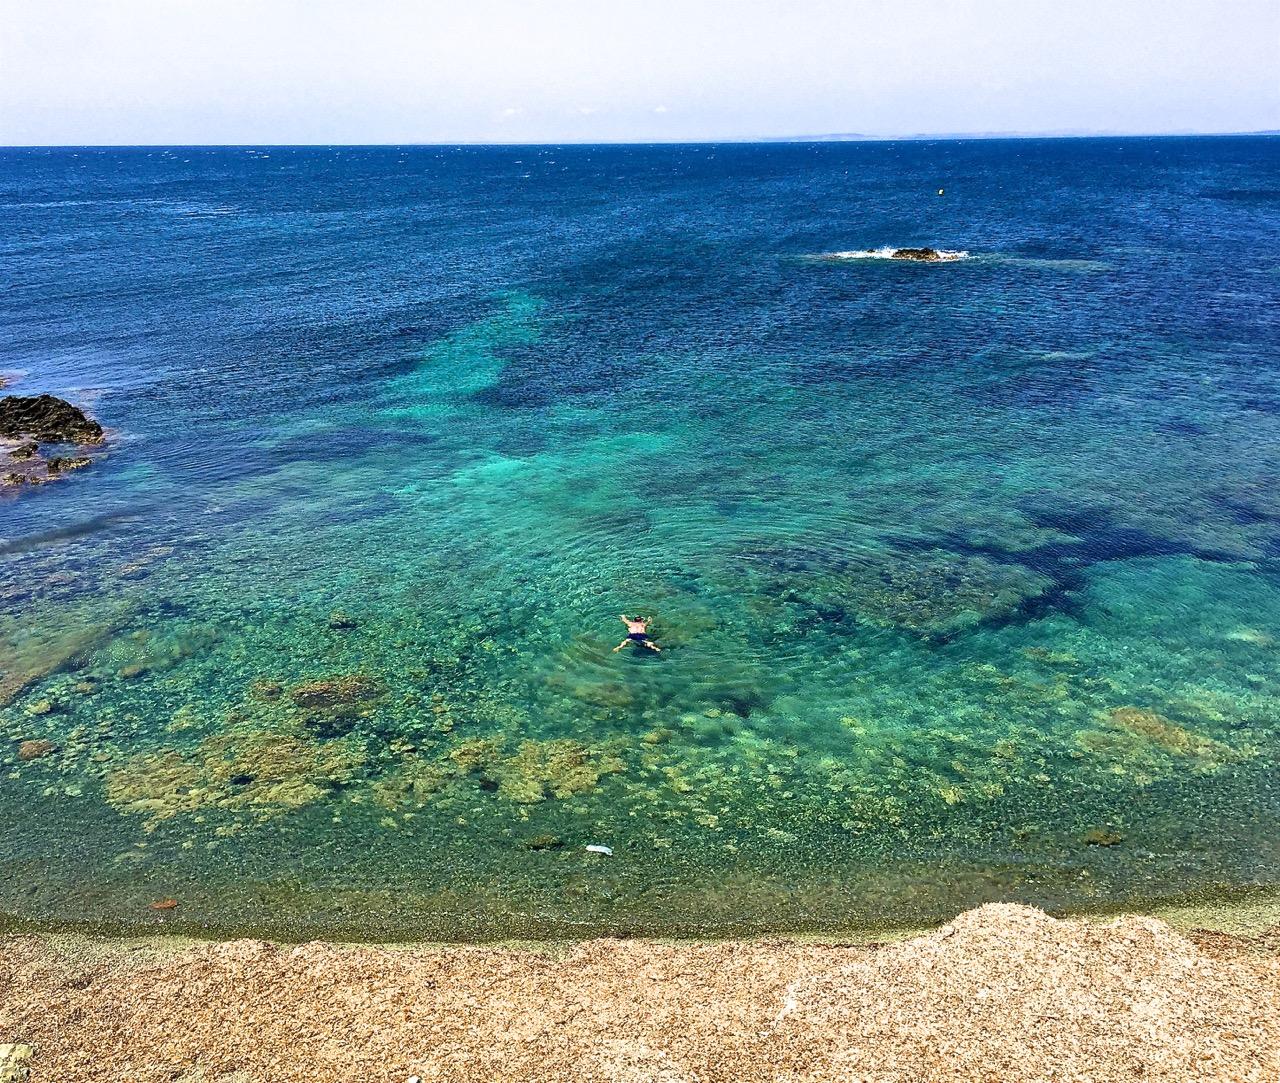 Aquí vemos un Aliforniano disfrutando de las aguas turquesas de Tabarca